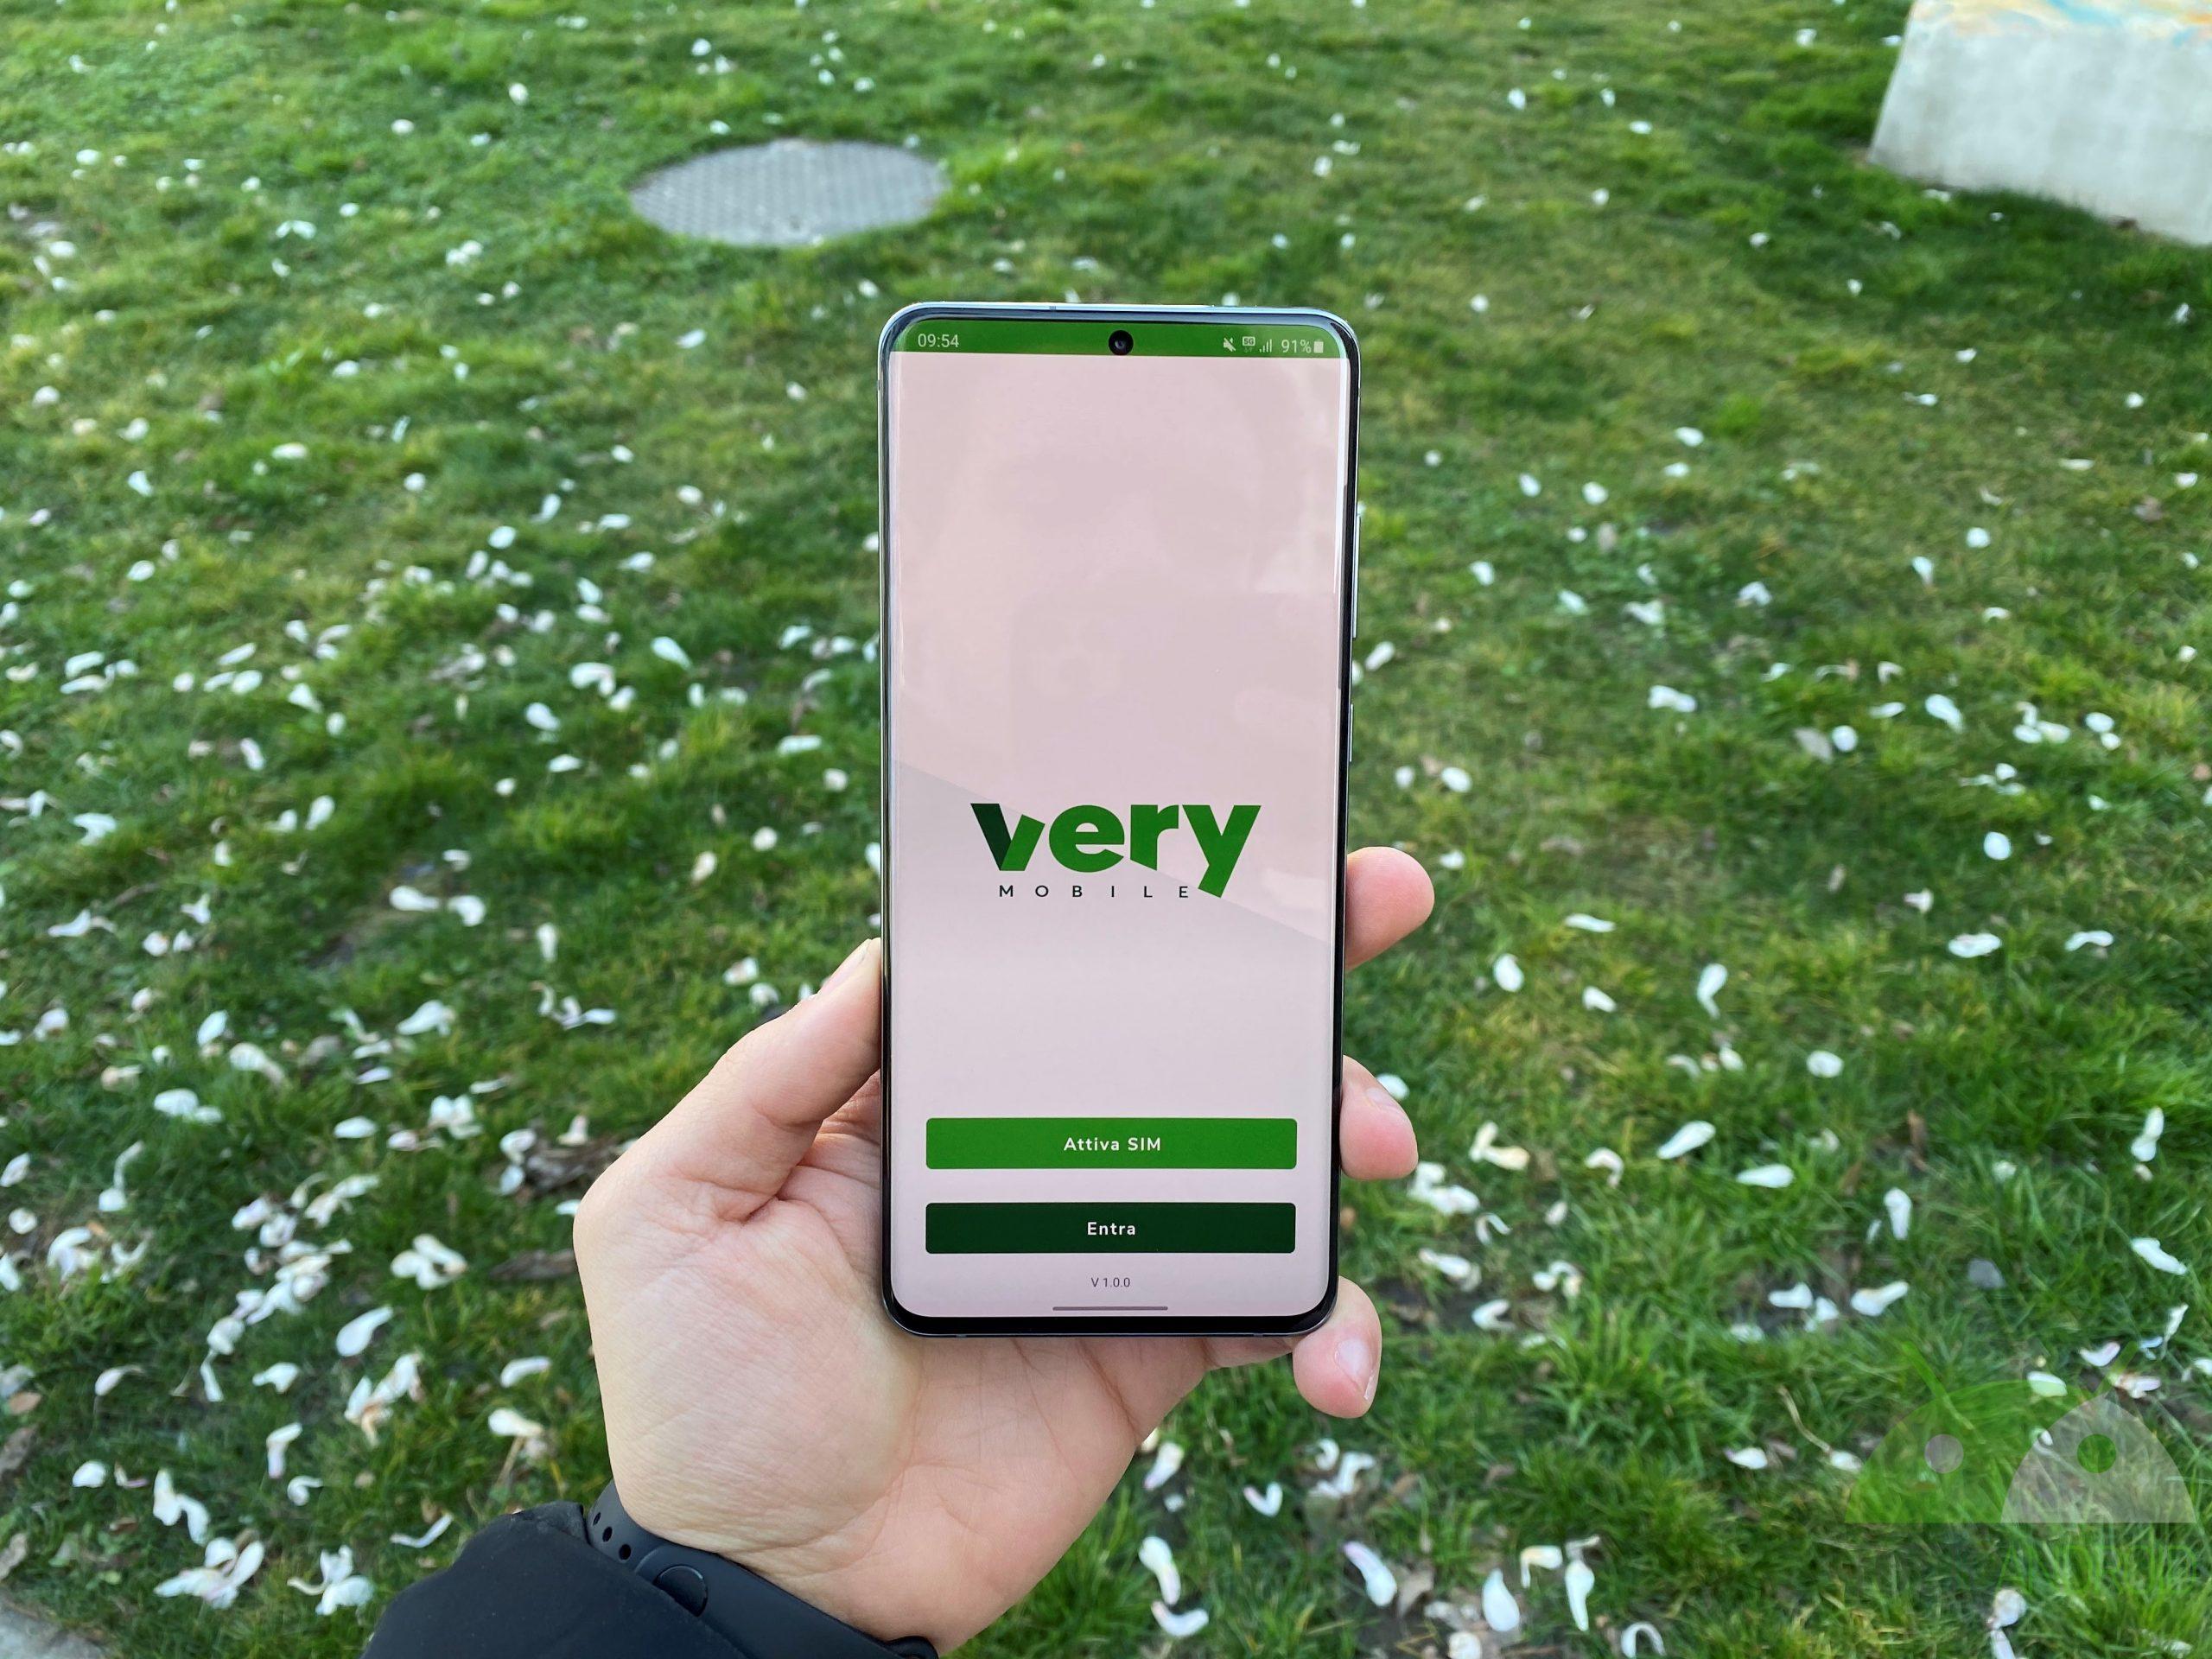 Se volete passare a Very Mobile c'è una cosa che dovete sape